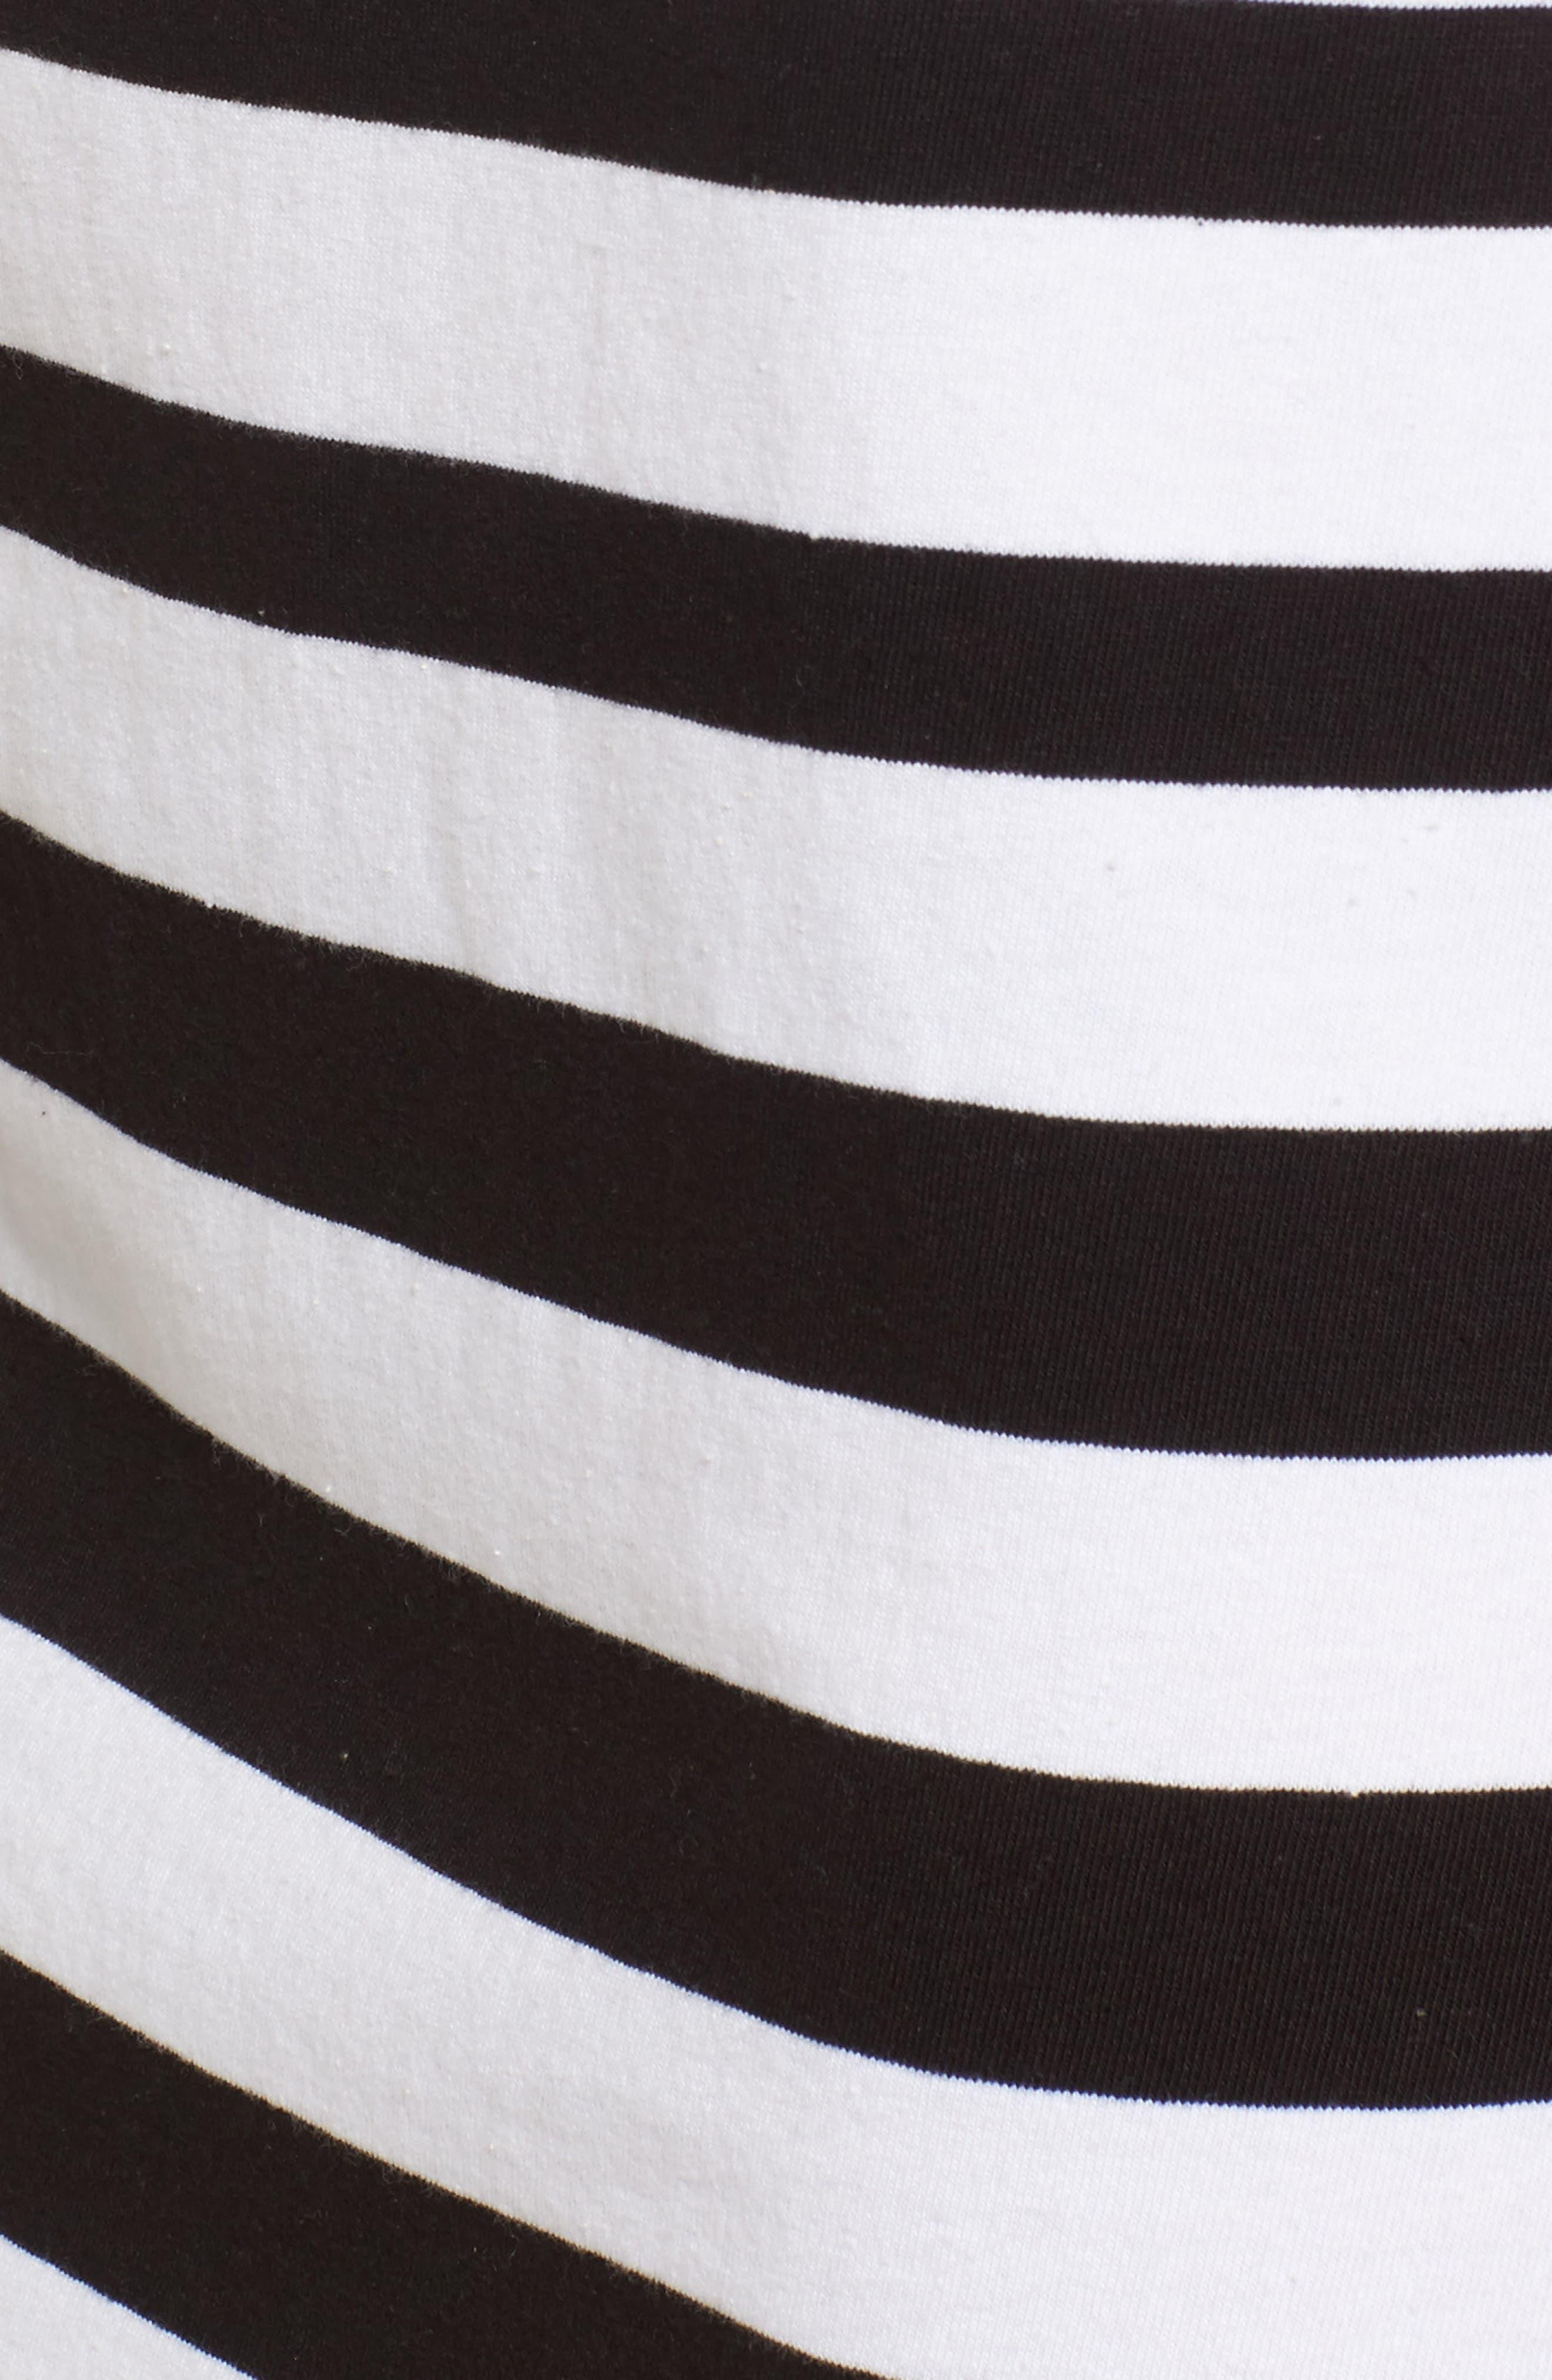 Breton Stripe Cotton Shift Dress,                             Alternate thumbnail 5, color,                             001